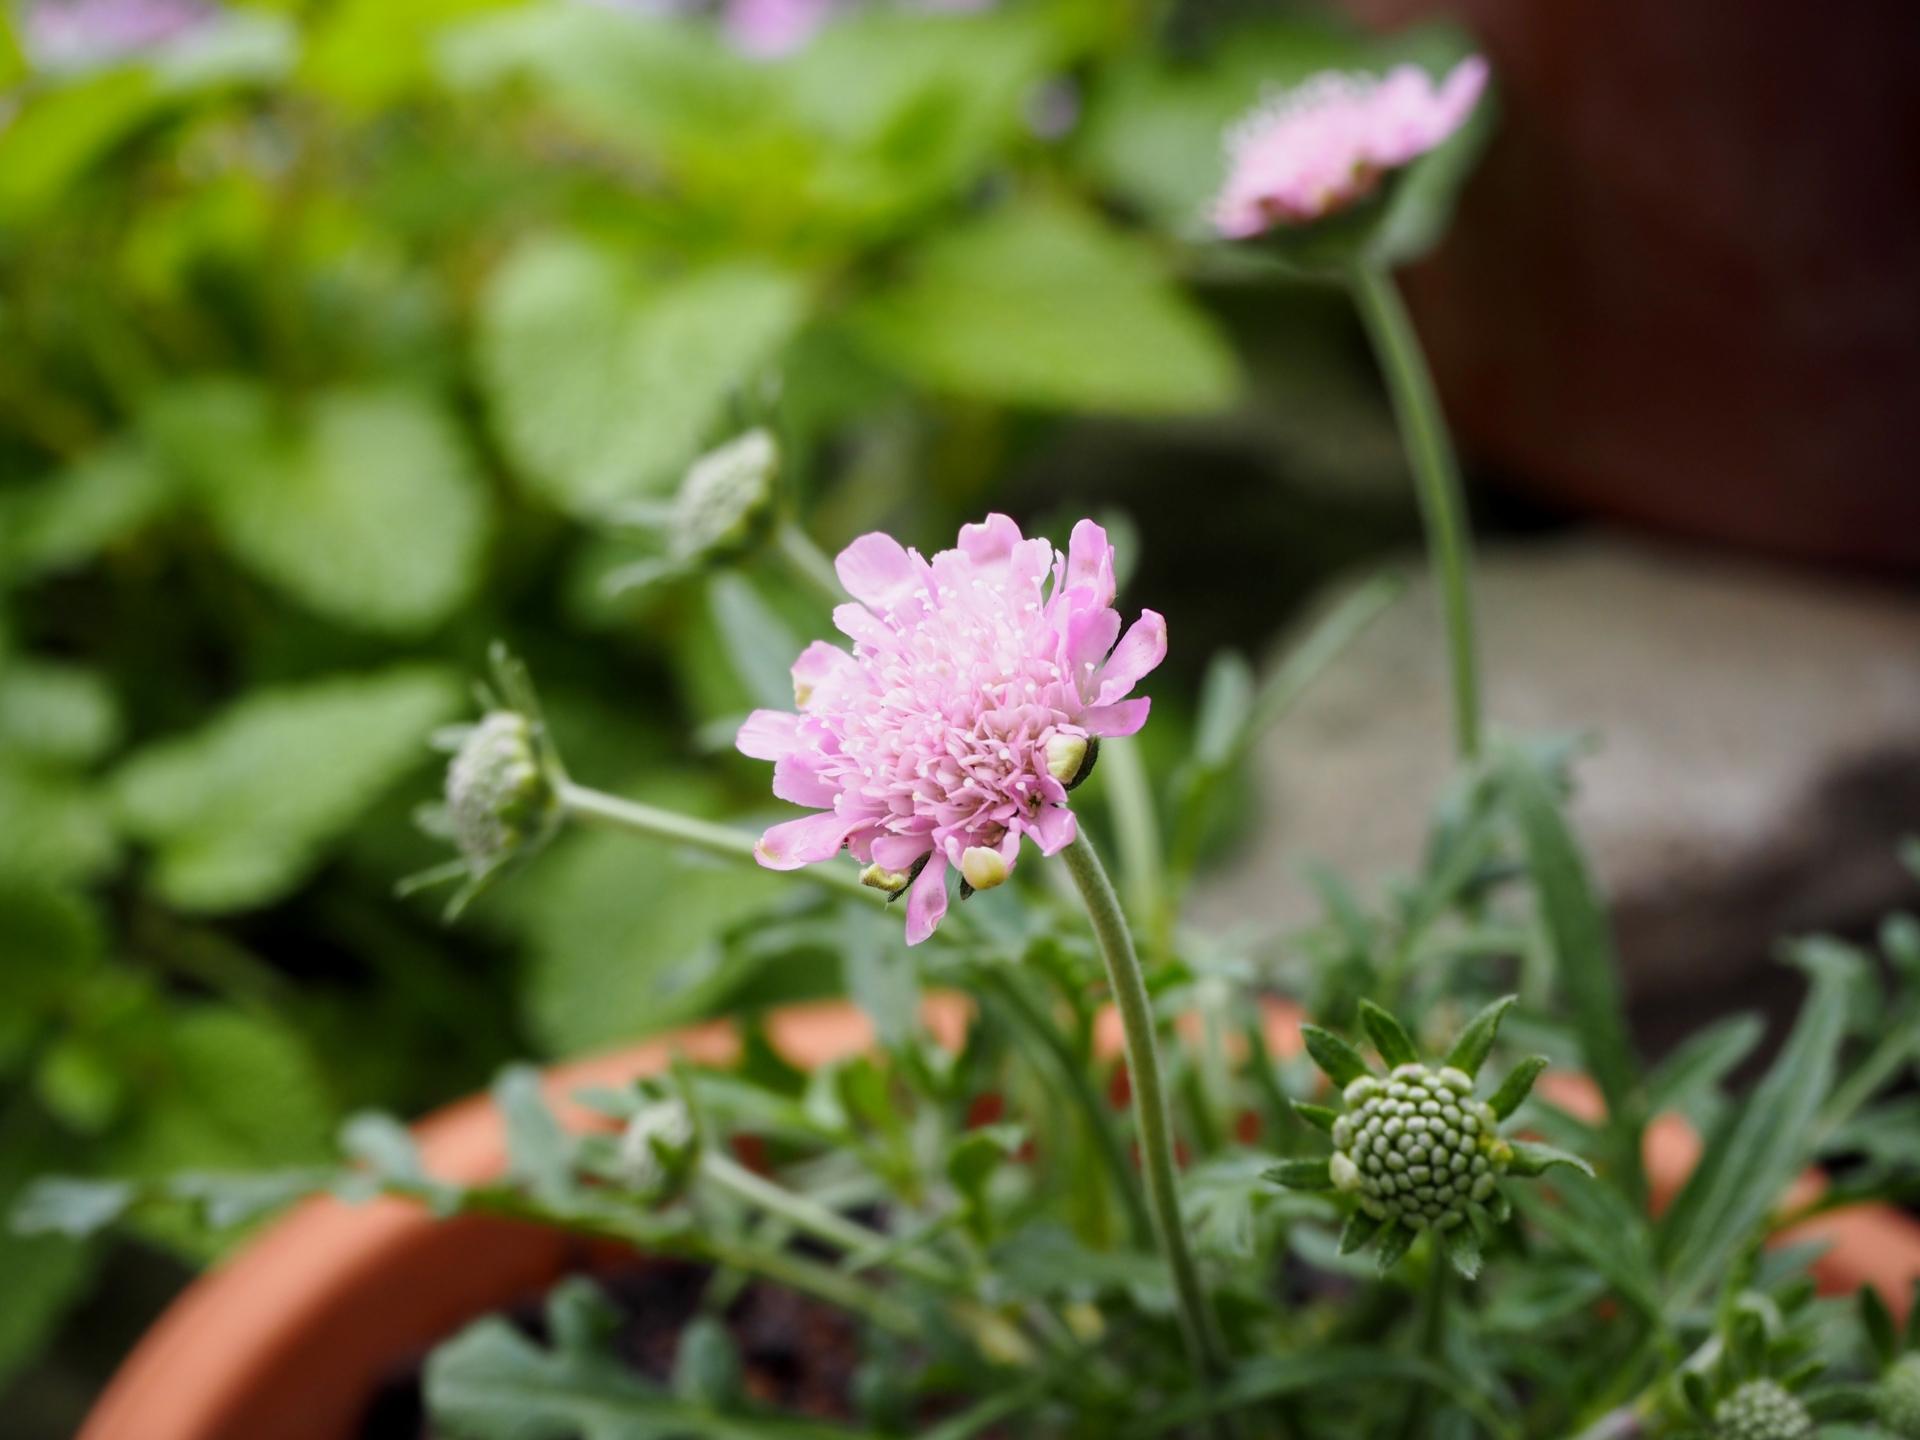 ガーデン用品屋さんの花図鑑 スカビオサ